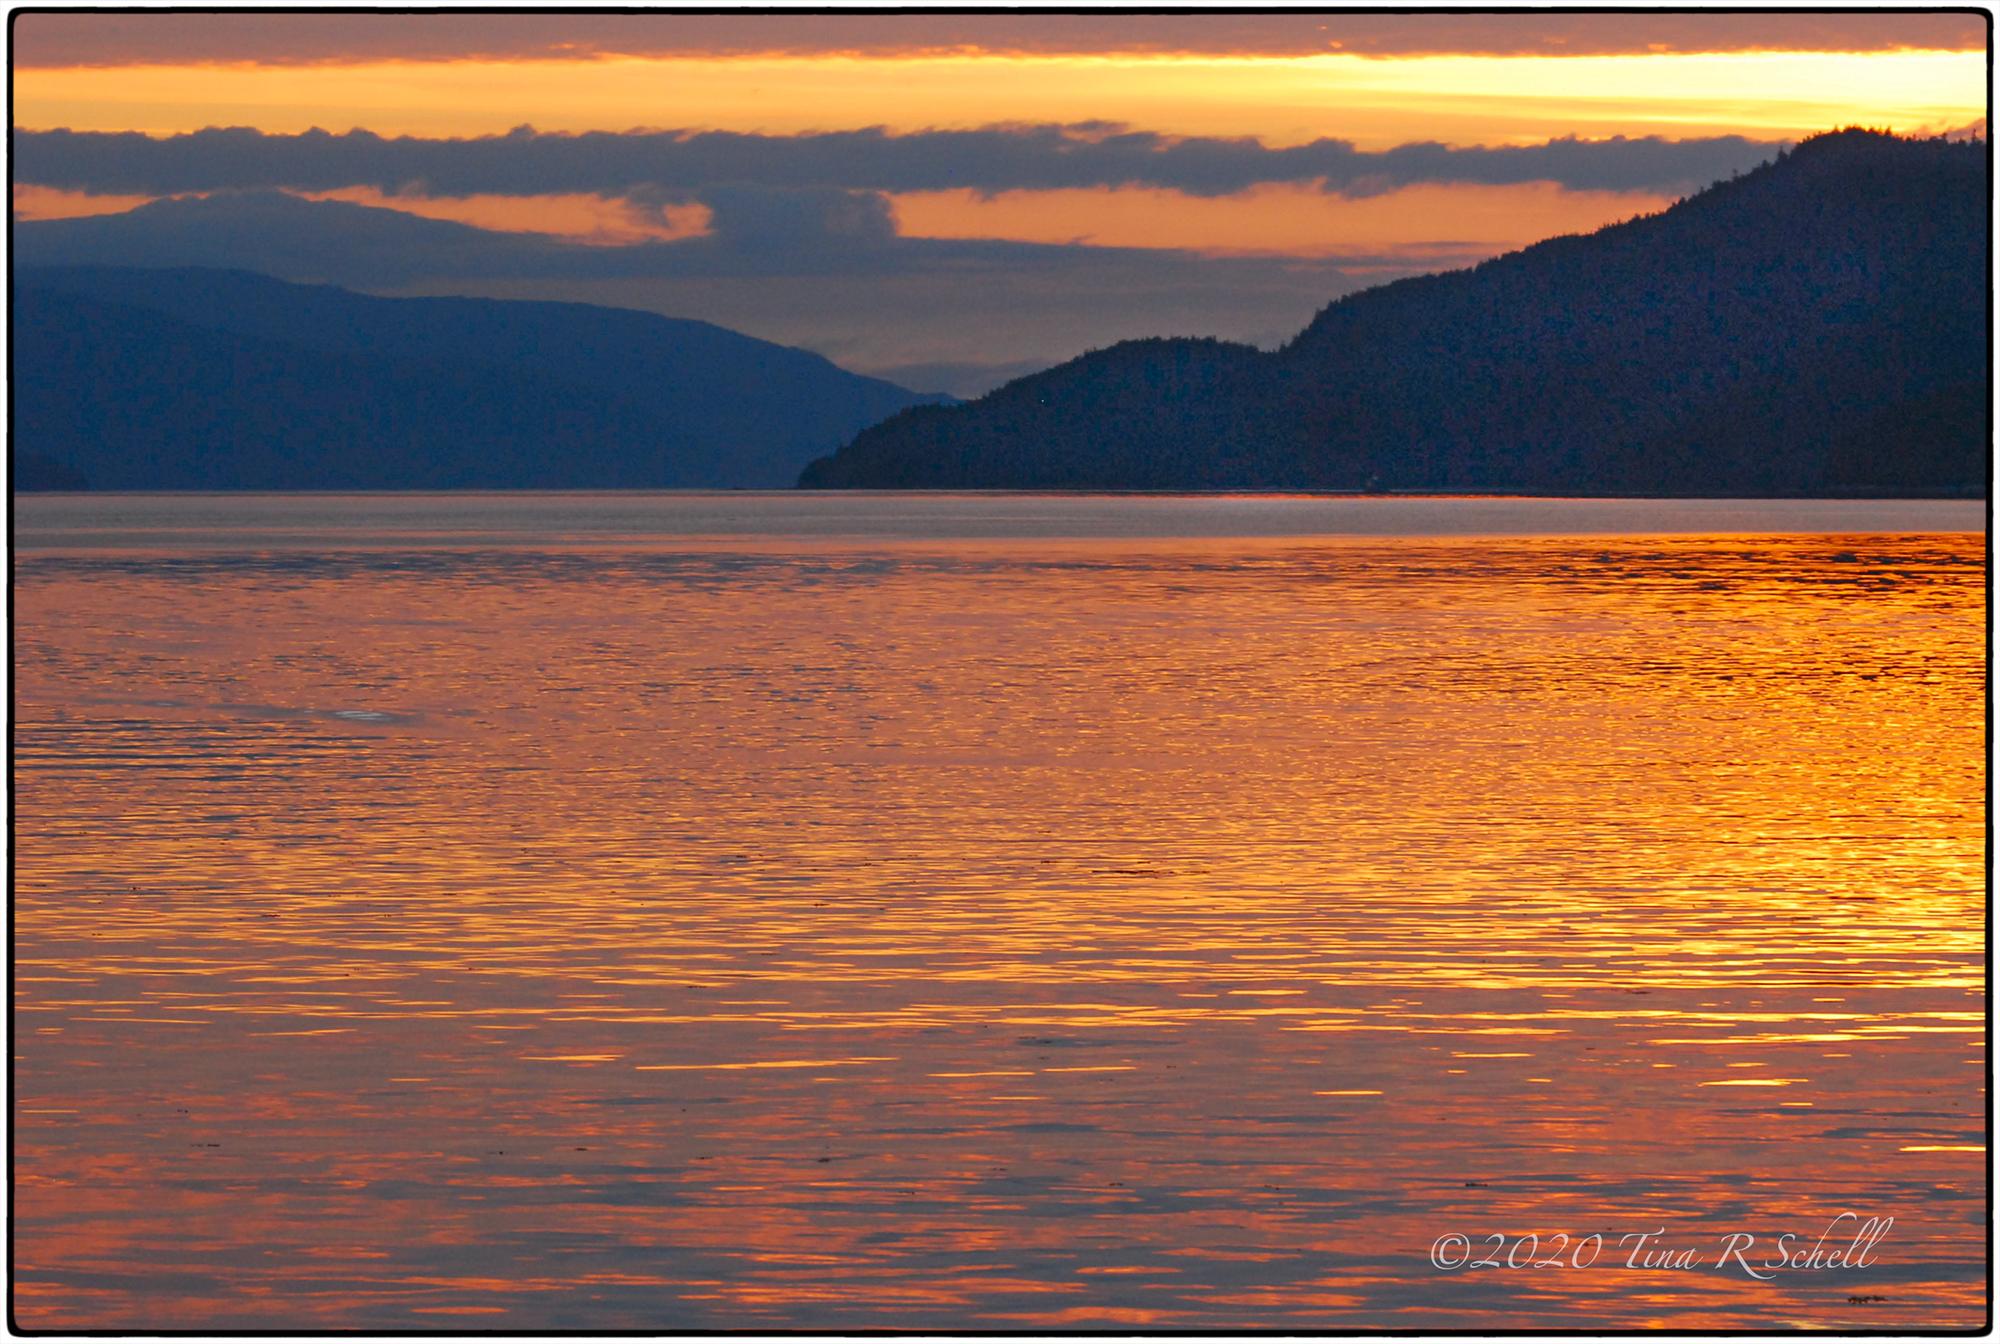 MIDNIGHT SUN, ALASKA